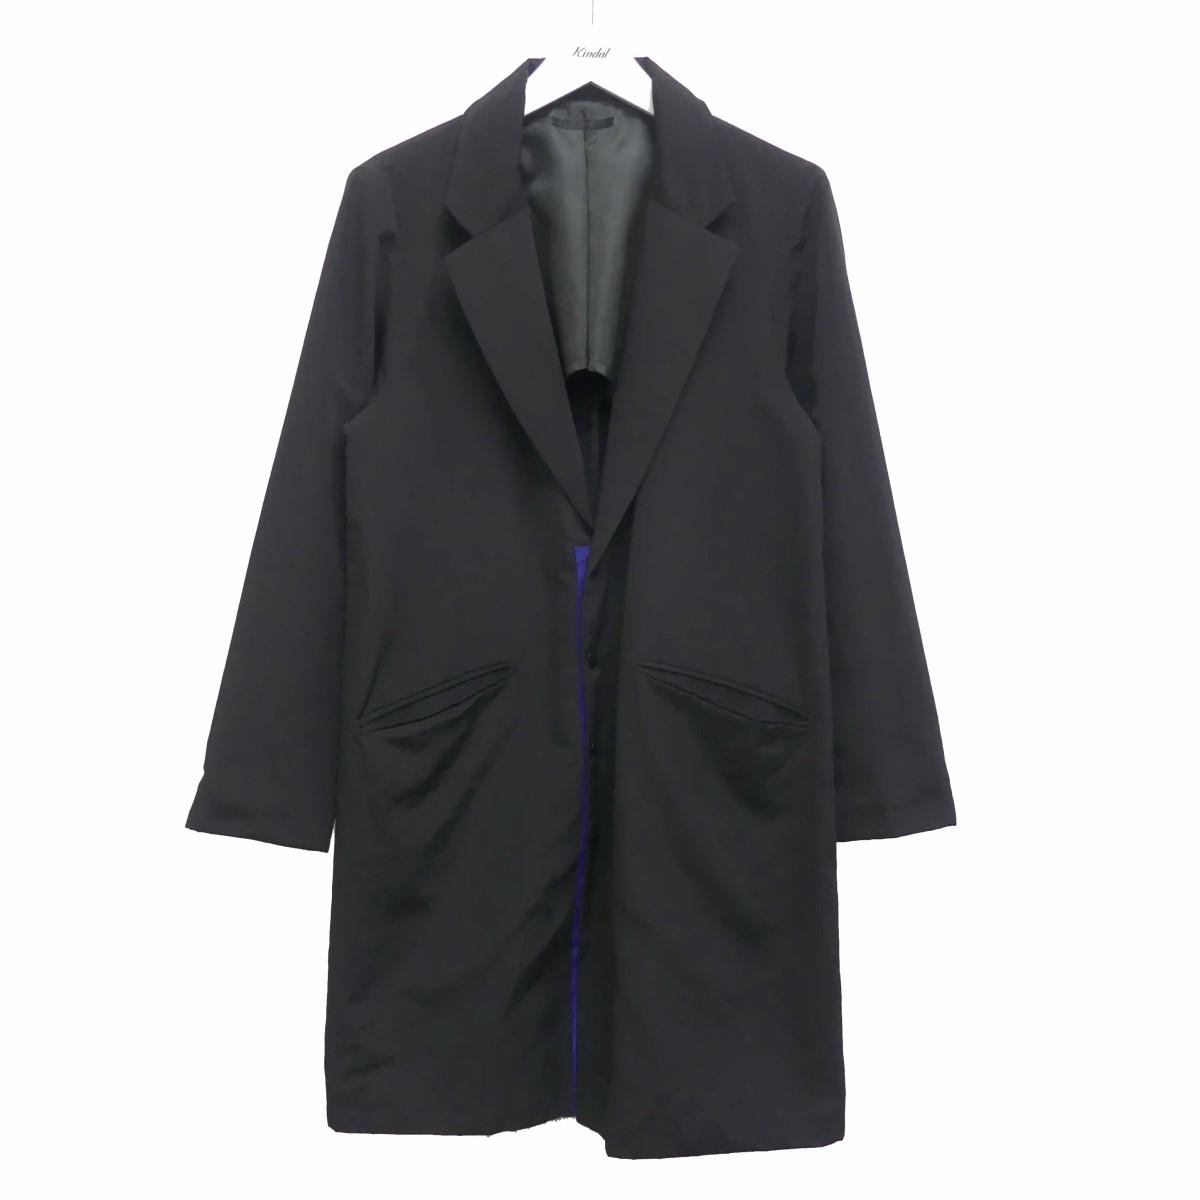 【中古】DISCOVERED 15SS チェスターコート ブラック サイズ:1 【250620】(ディスカバード)